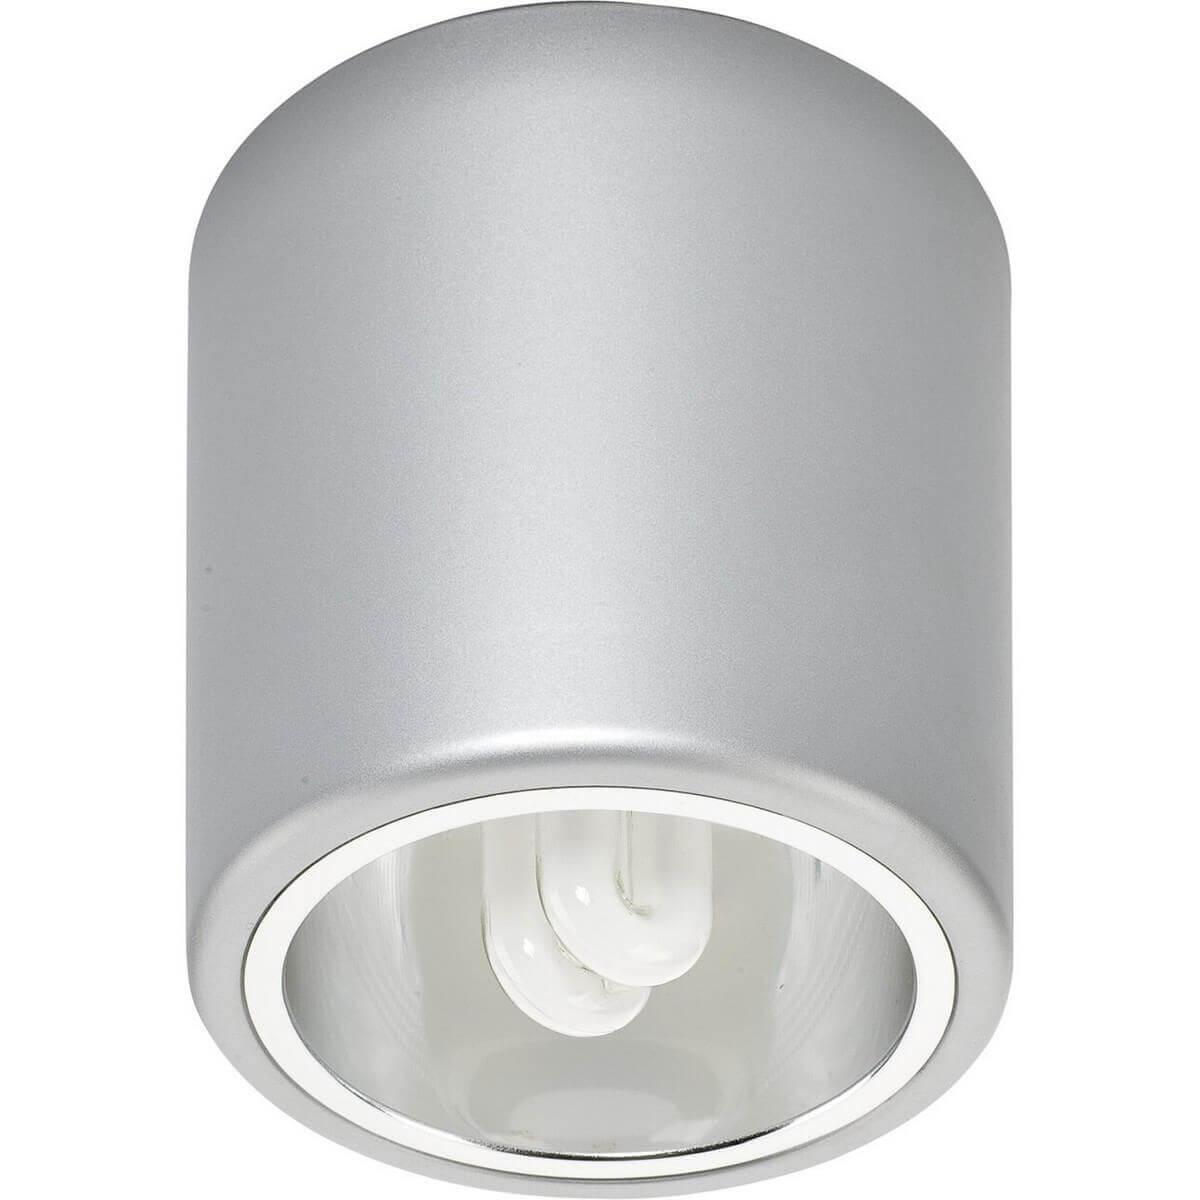 Светильник Nowodvorski 4868 Downlight Silver